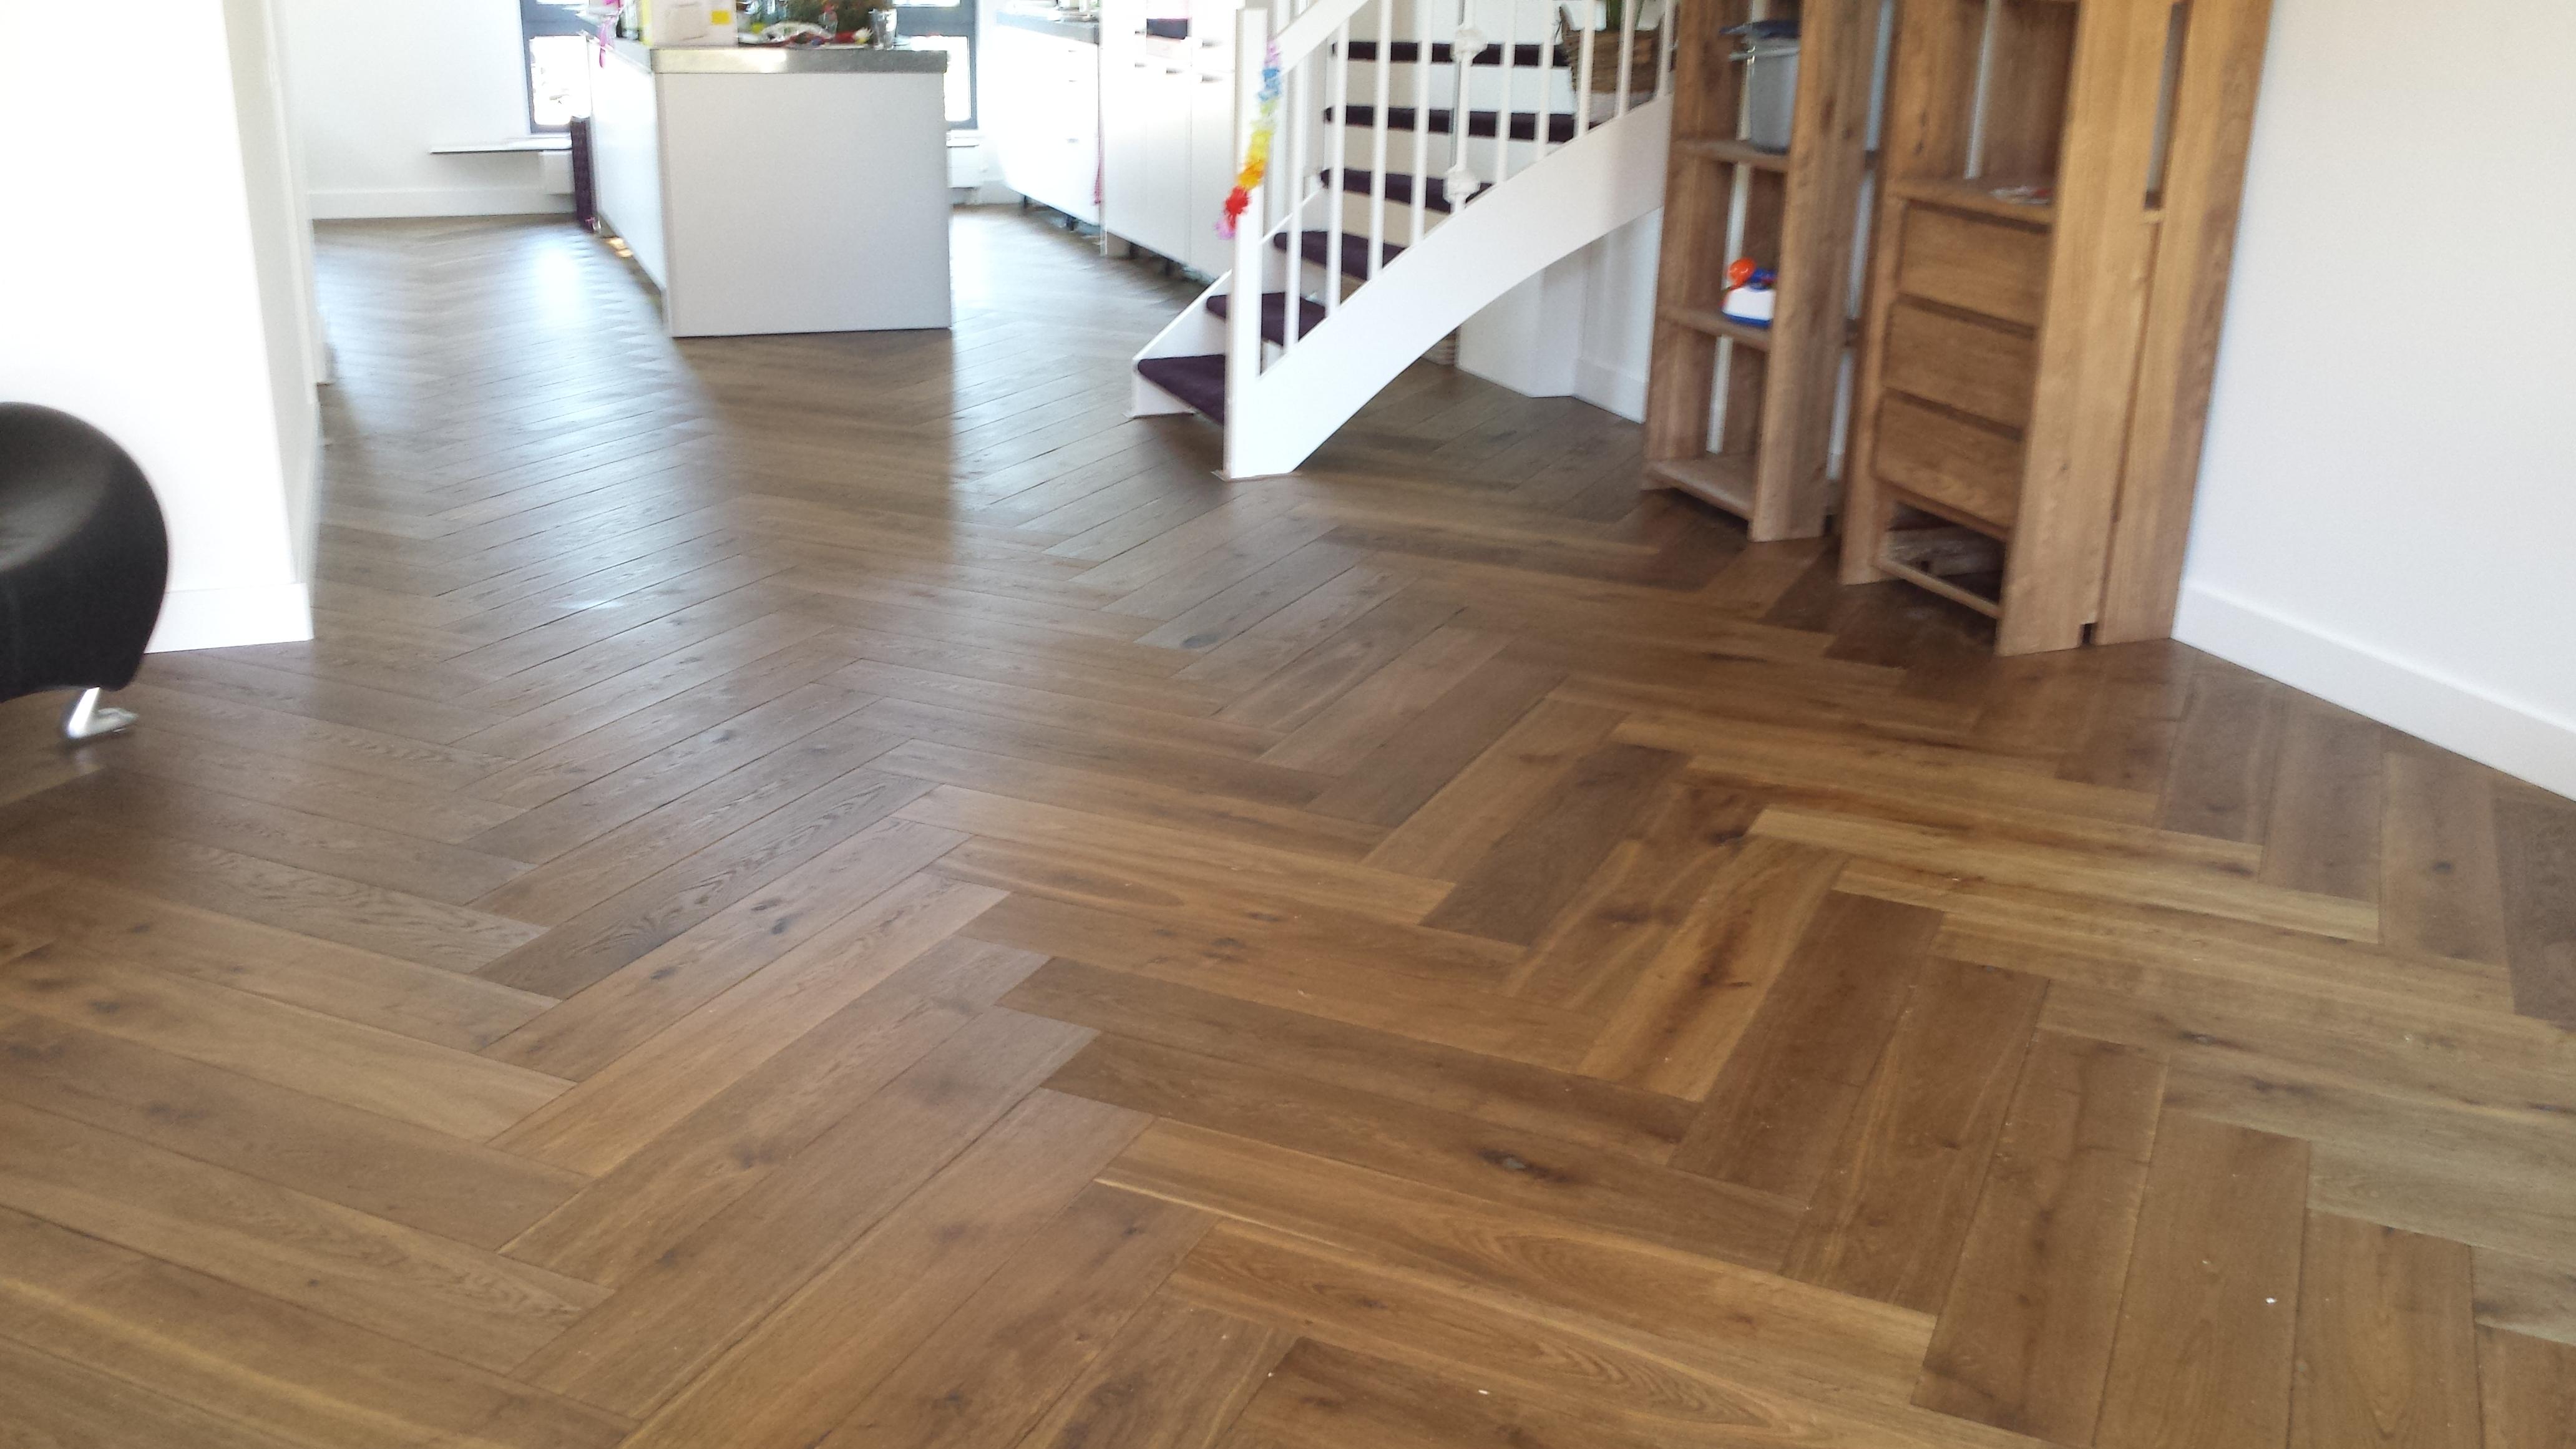 Eikenhouten Vloer Leggen : Houten vloeren leggen